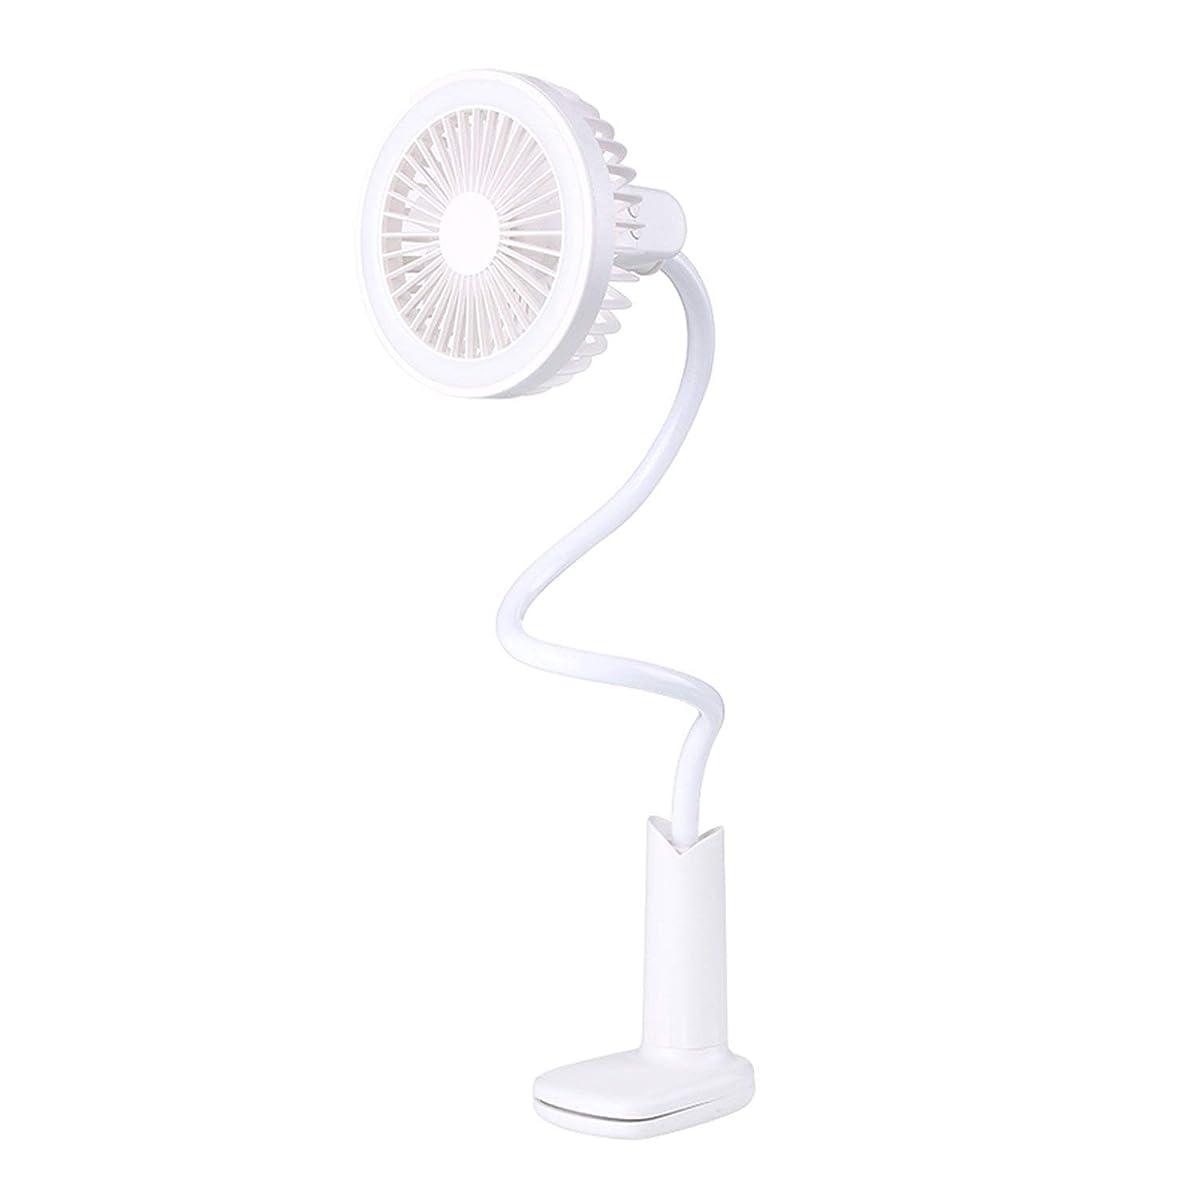 Beauty-inside Portable USB Fan Flexible with LED Light Speed Adjustable Cooler Mini Fan Handy Small Desk Desktop Cooling Fan for Office,White